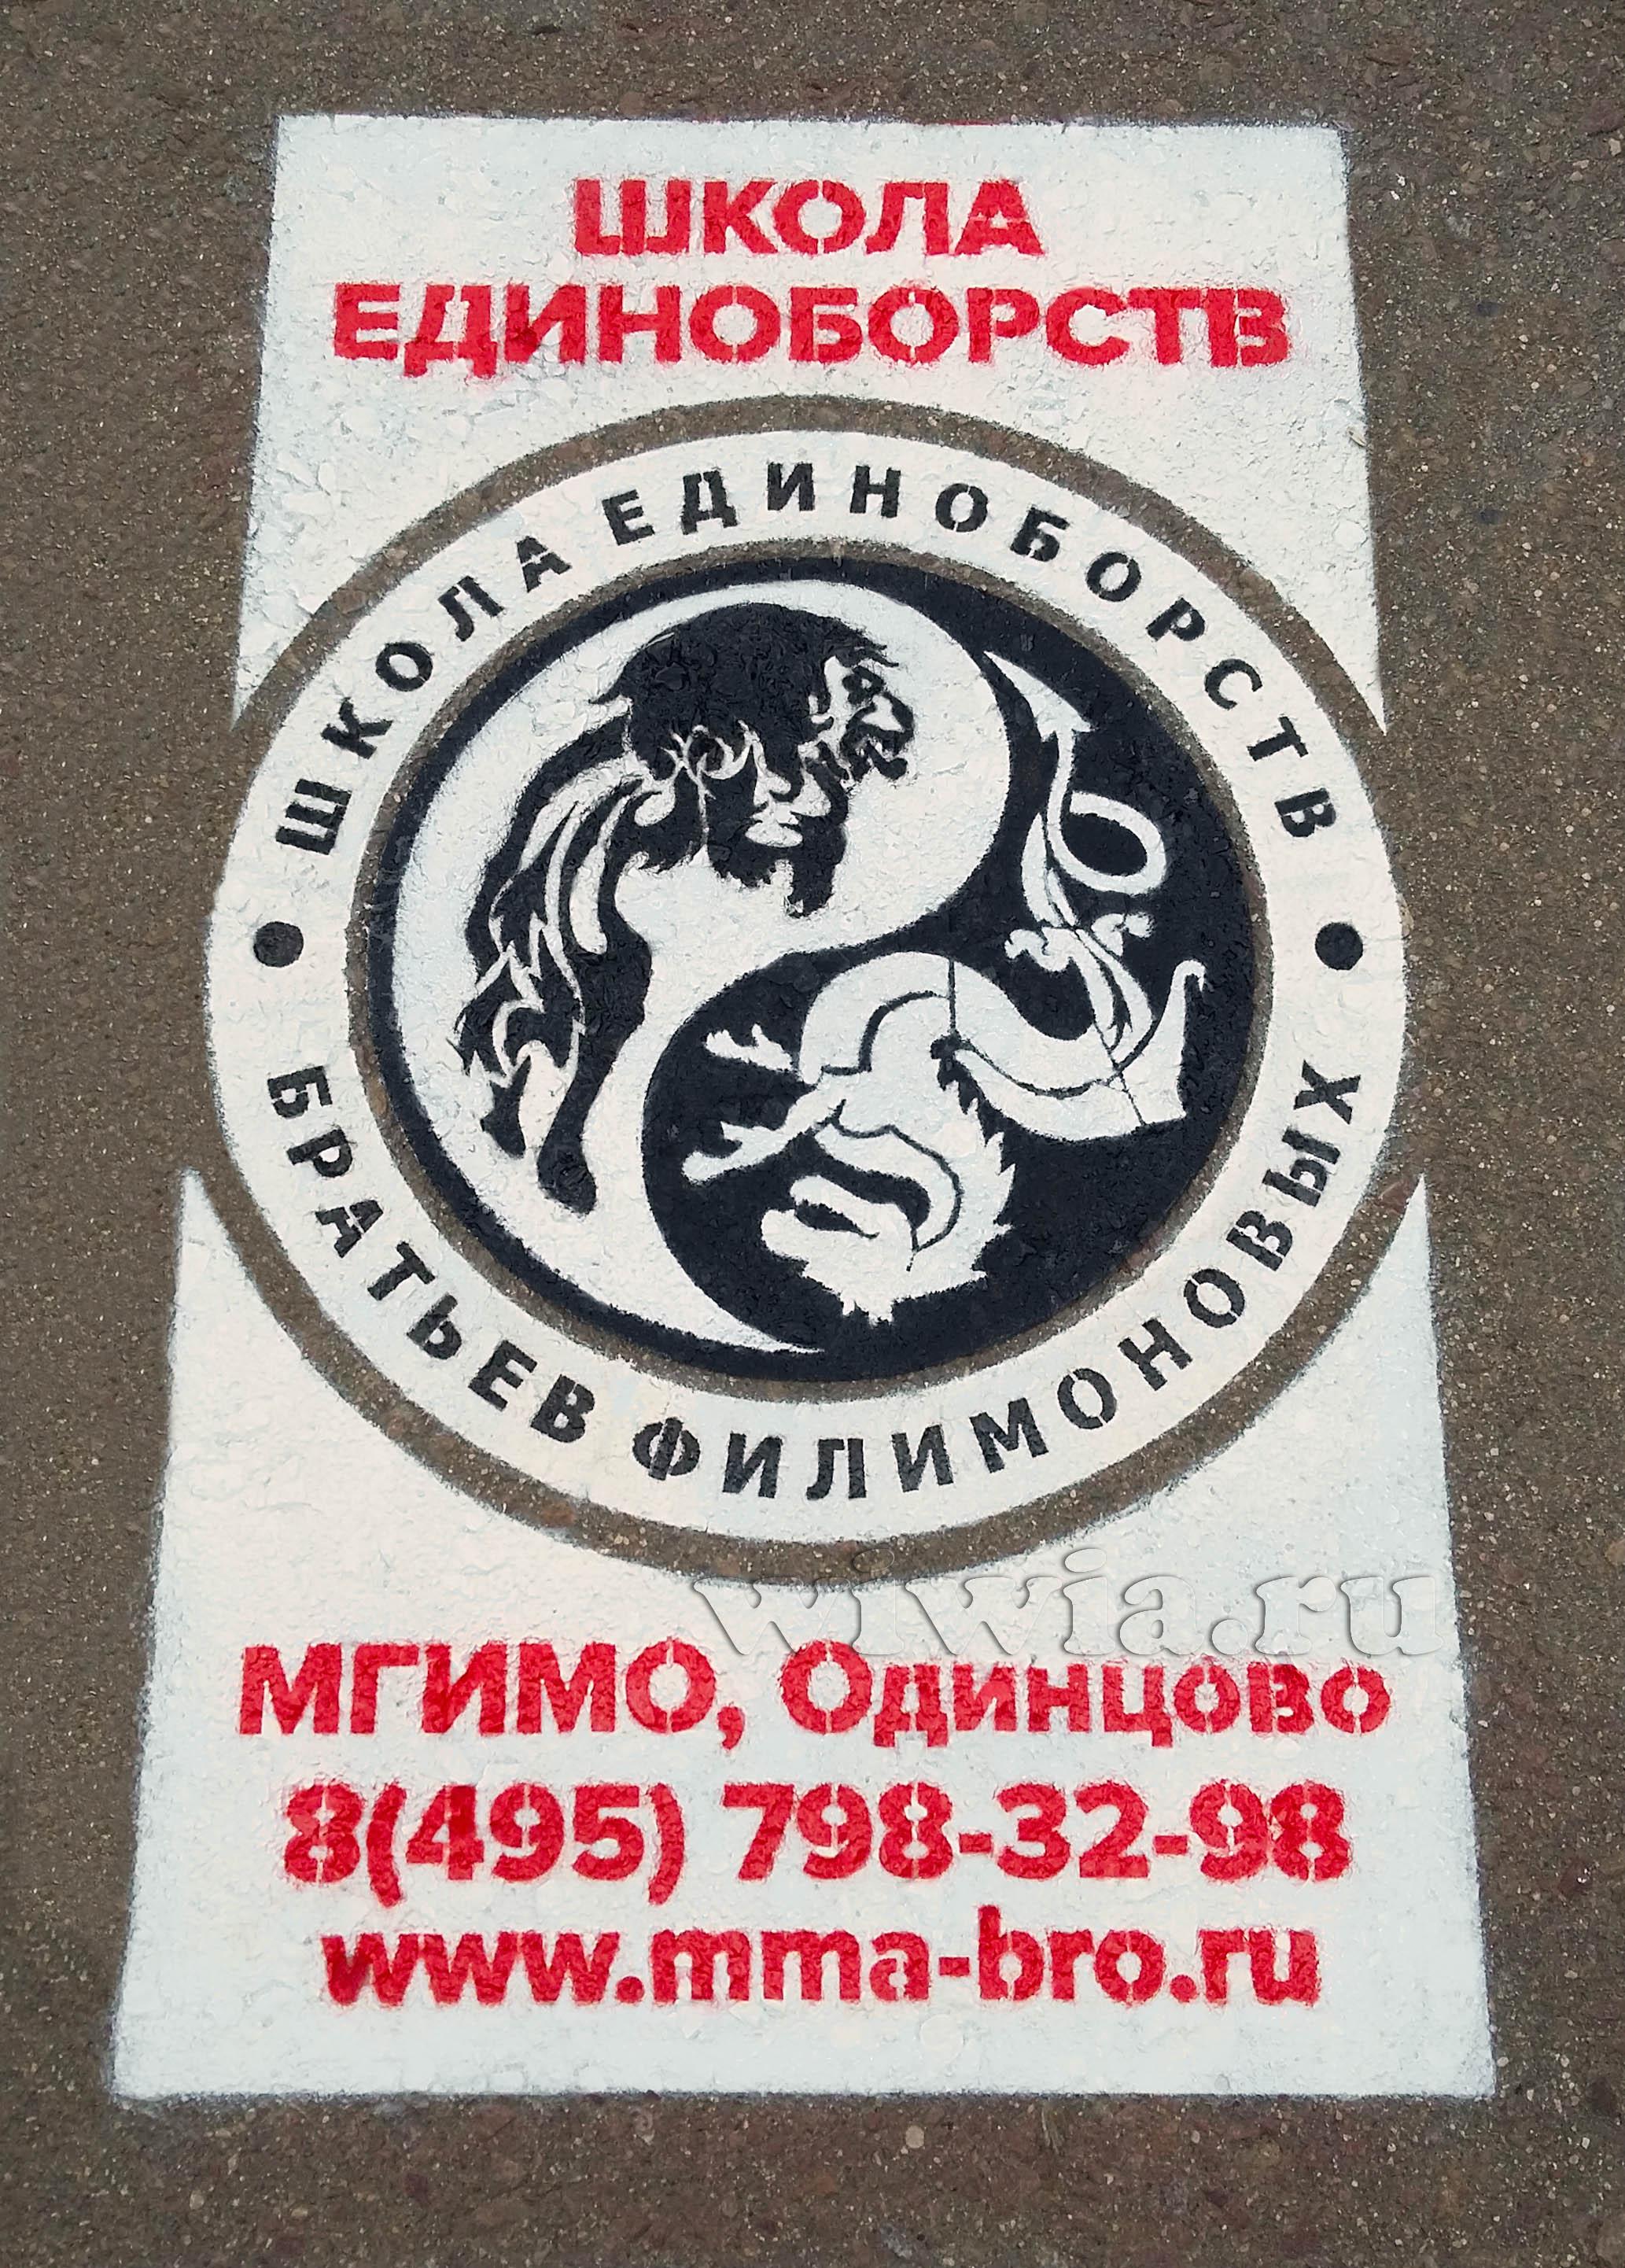 Реклама на асфальте. Одинцово. MMA.